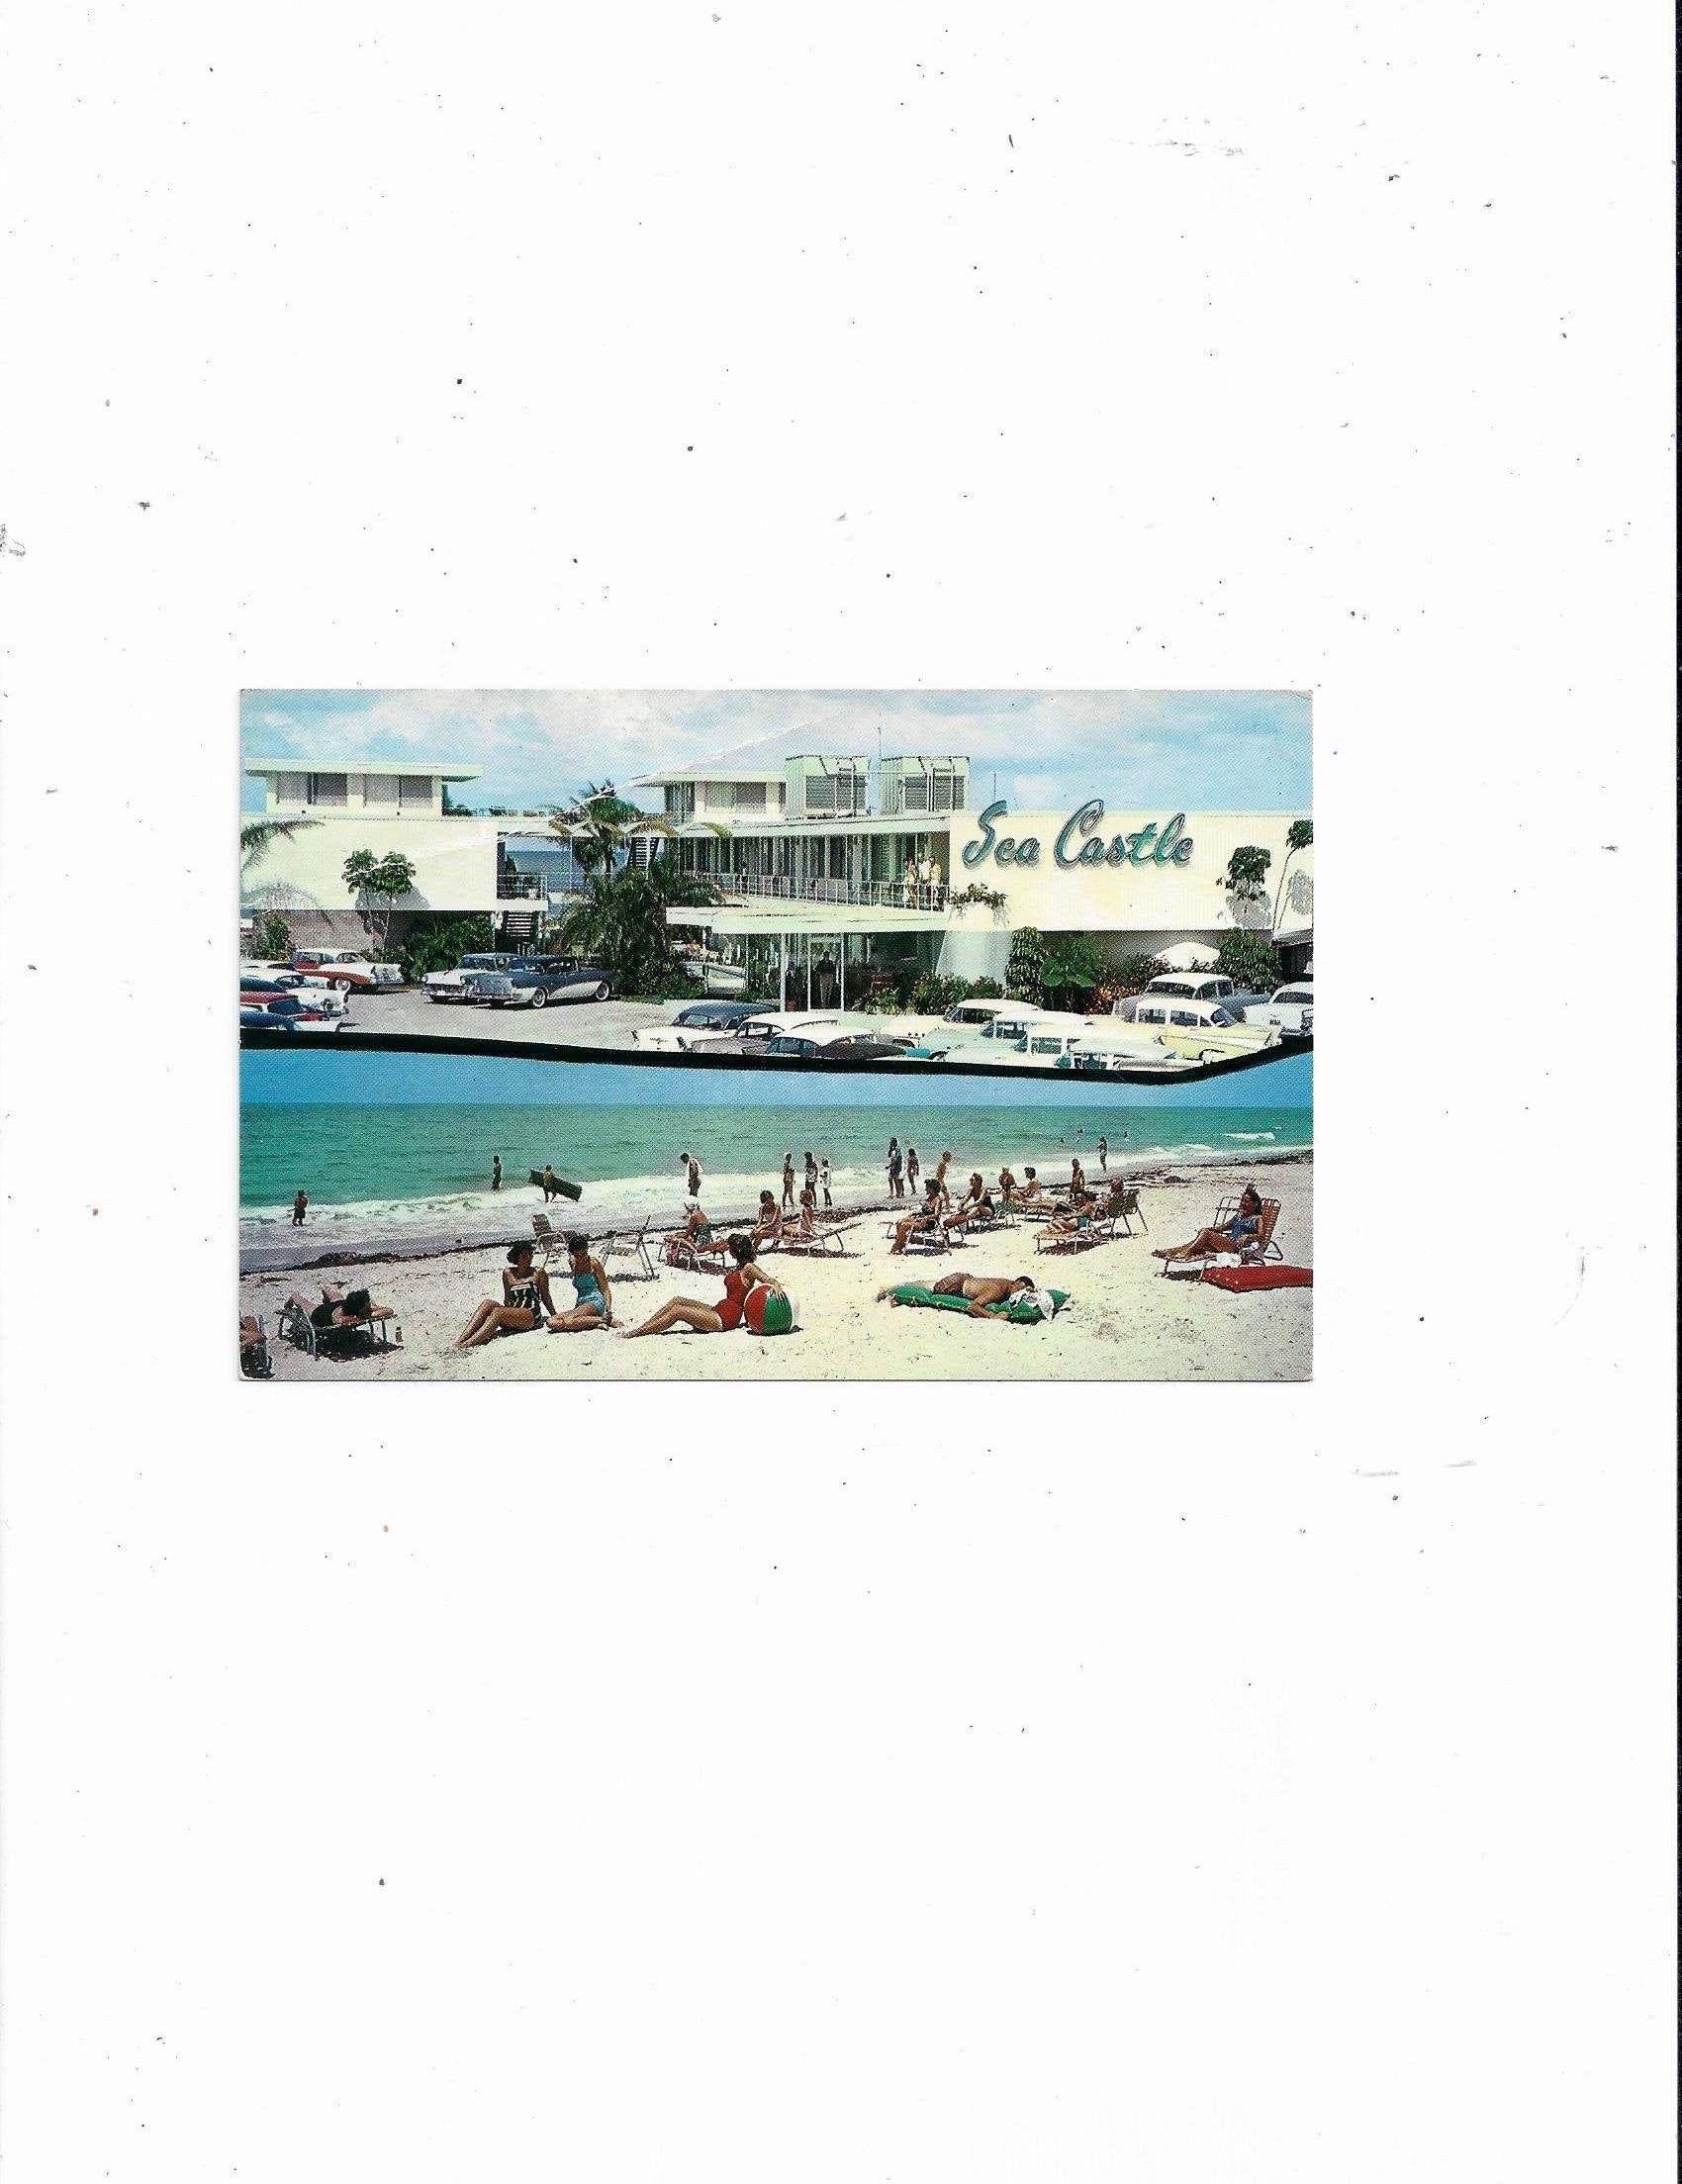 1959 Postcard Of Sea Castle Apt Motel Treasure Island St Etsy Treasure Island Postcard Vintage Postcard